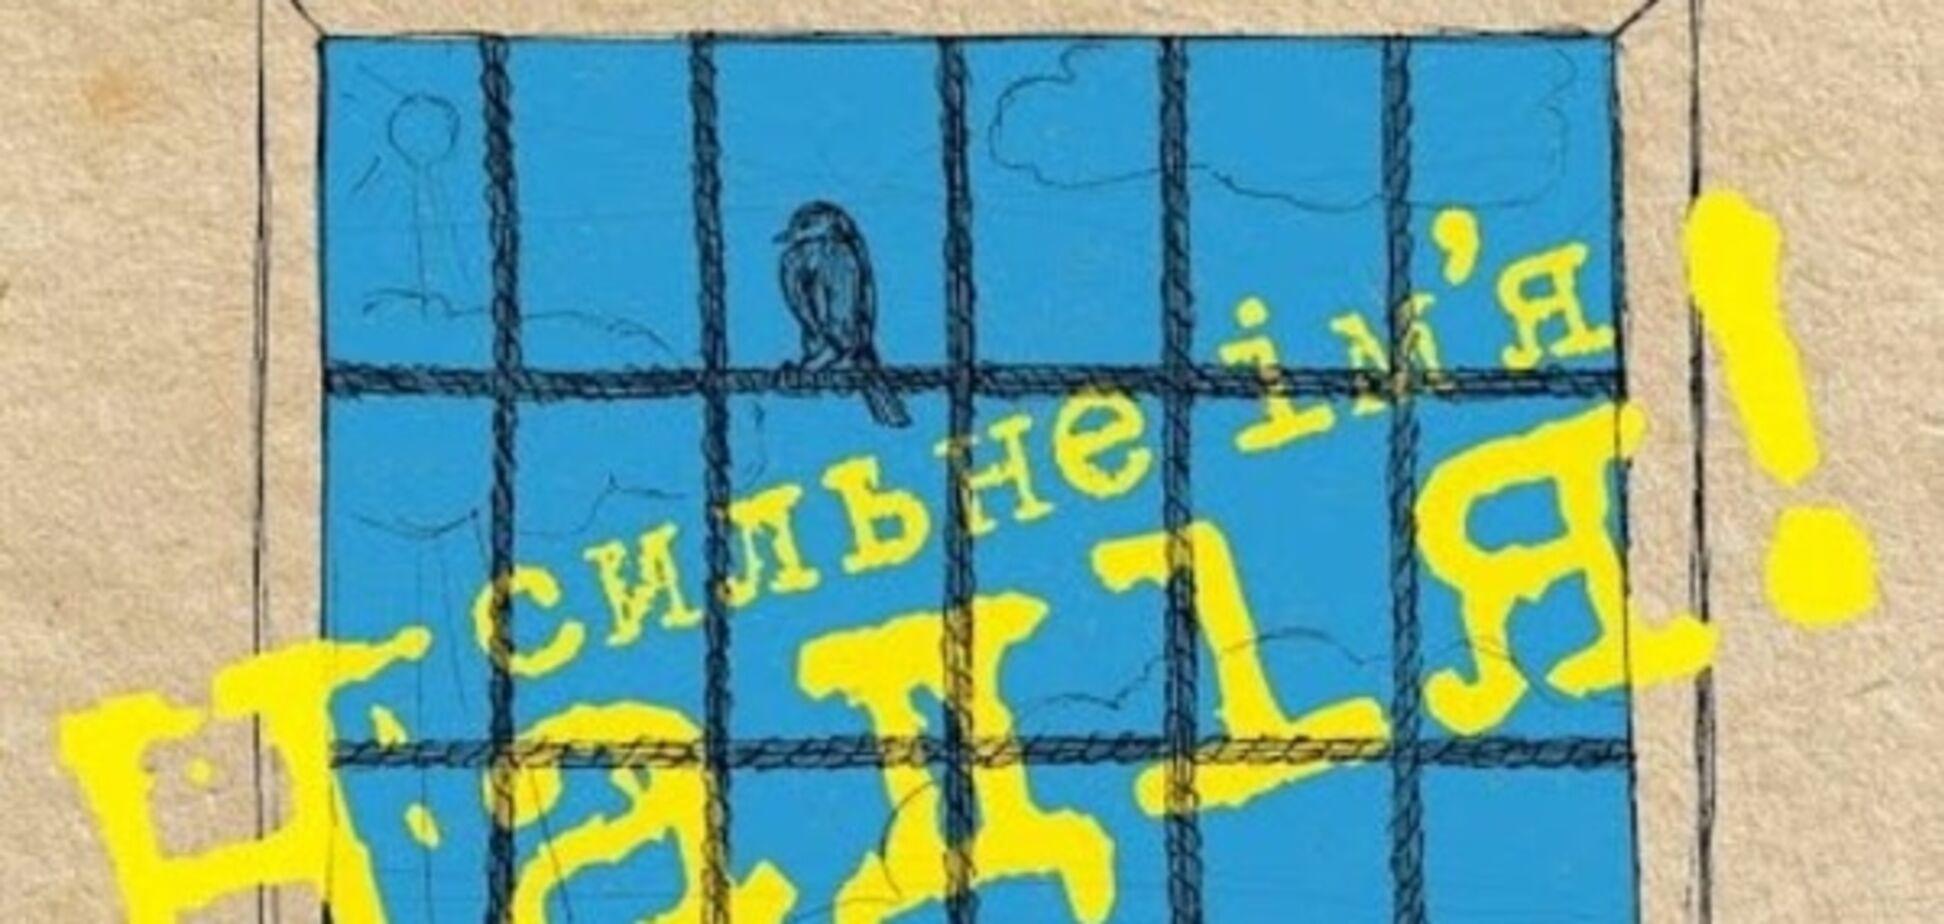 Прикордонники РФ затримали Віру Савченко за екстремізм - адвокат